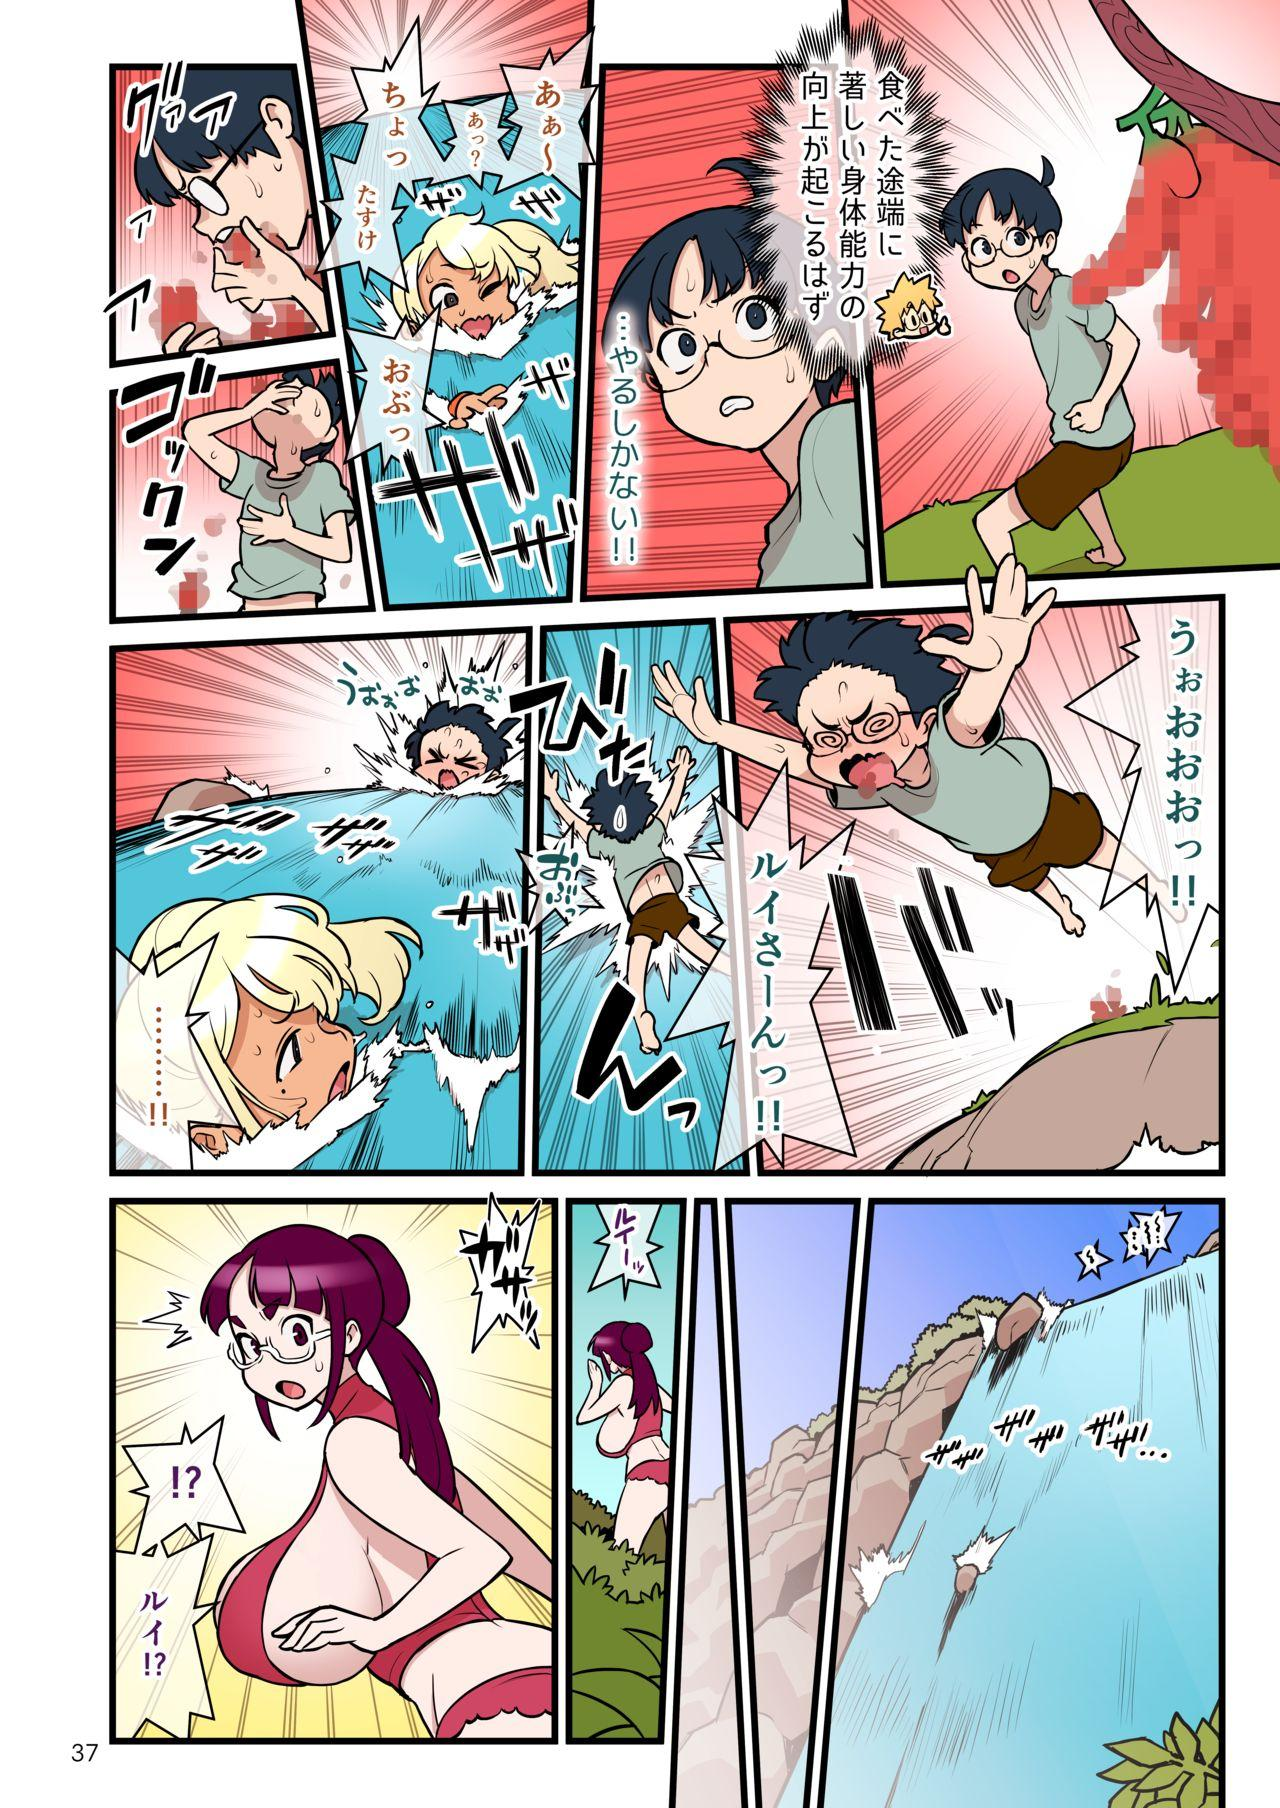 Kuro Gal VS Fuuki Iin - Black Gal VS Prefect 3 37